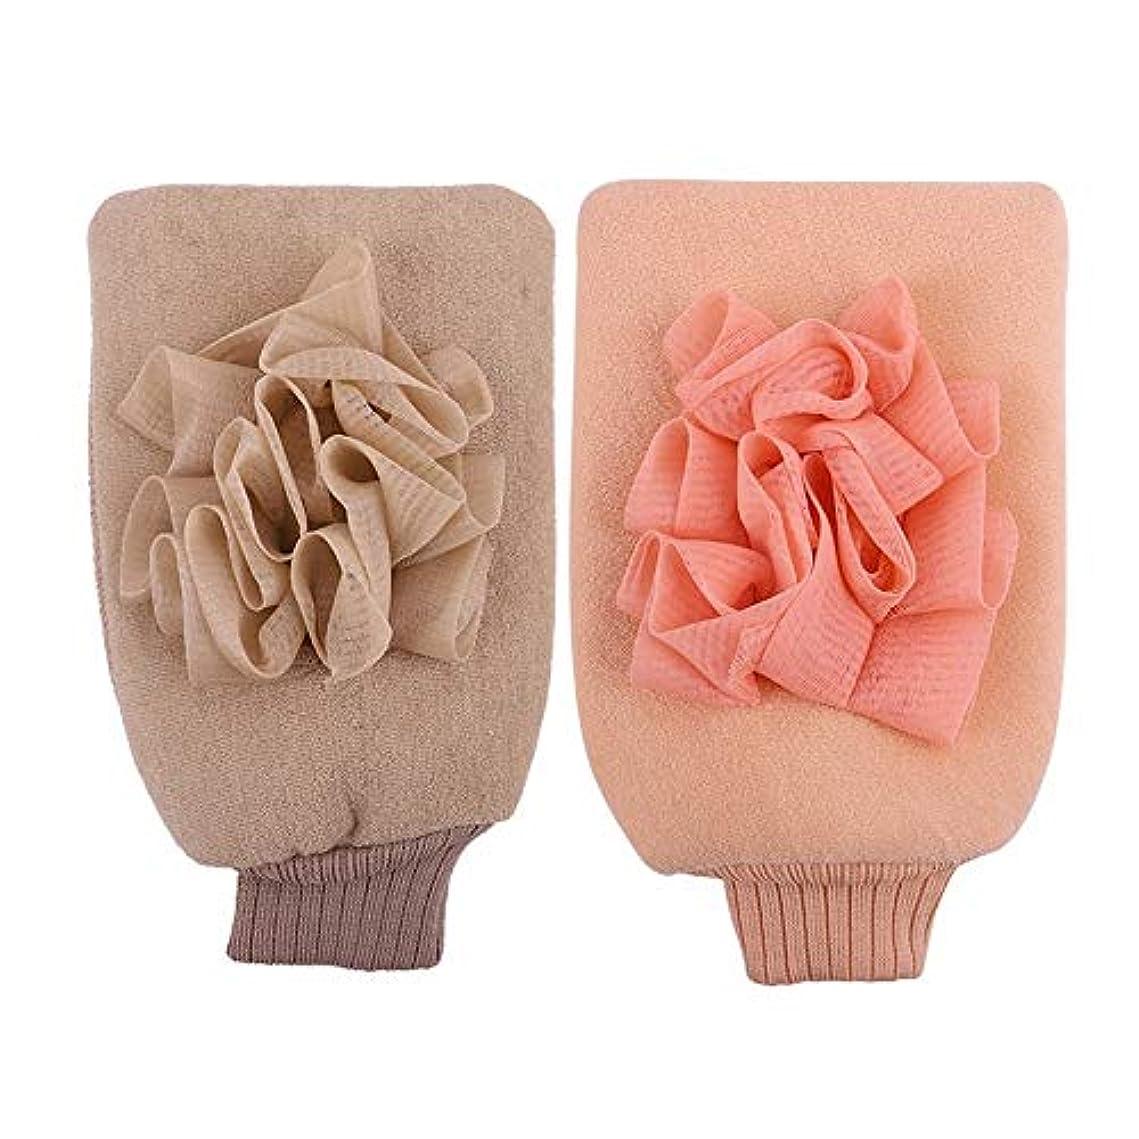 ホステススクラッチサイズBTXXYJP お風呂用手袋 シャワー手袋 あかすり手袋 ボディブラシ やわらか ボディタオル バス用品 男女兼用 角質除去 (Color : Pink+beige)